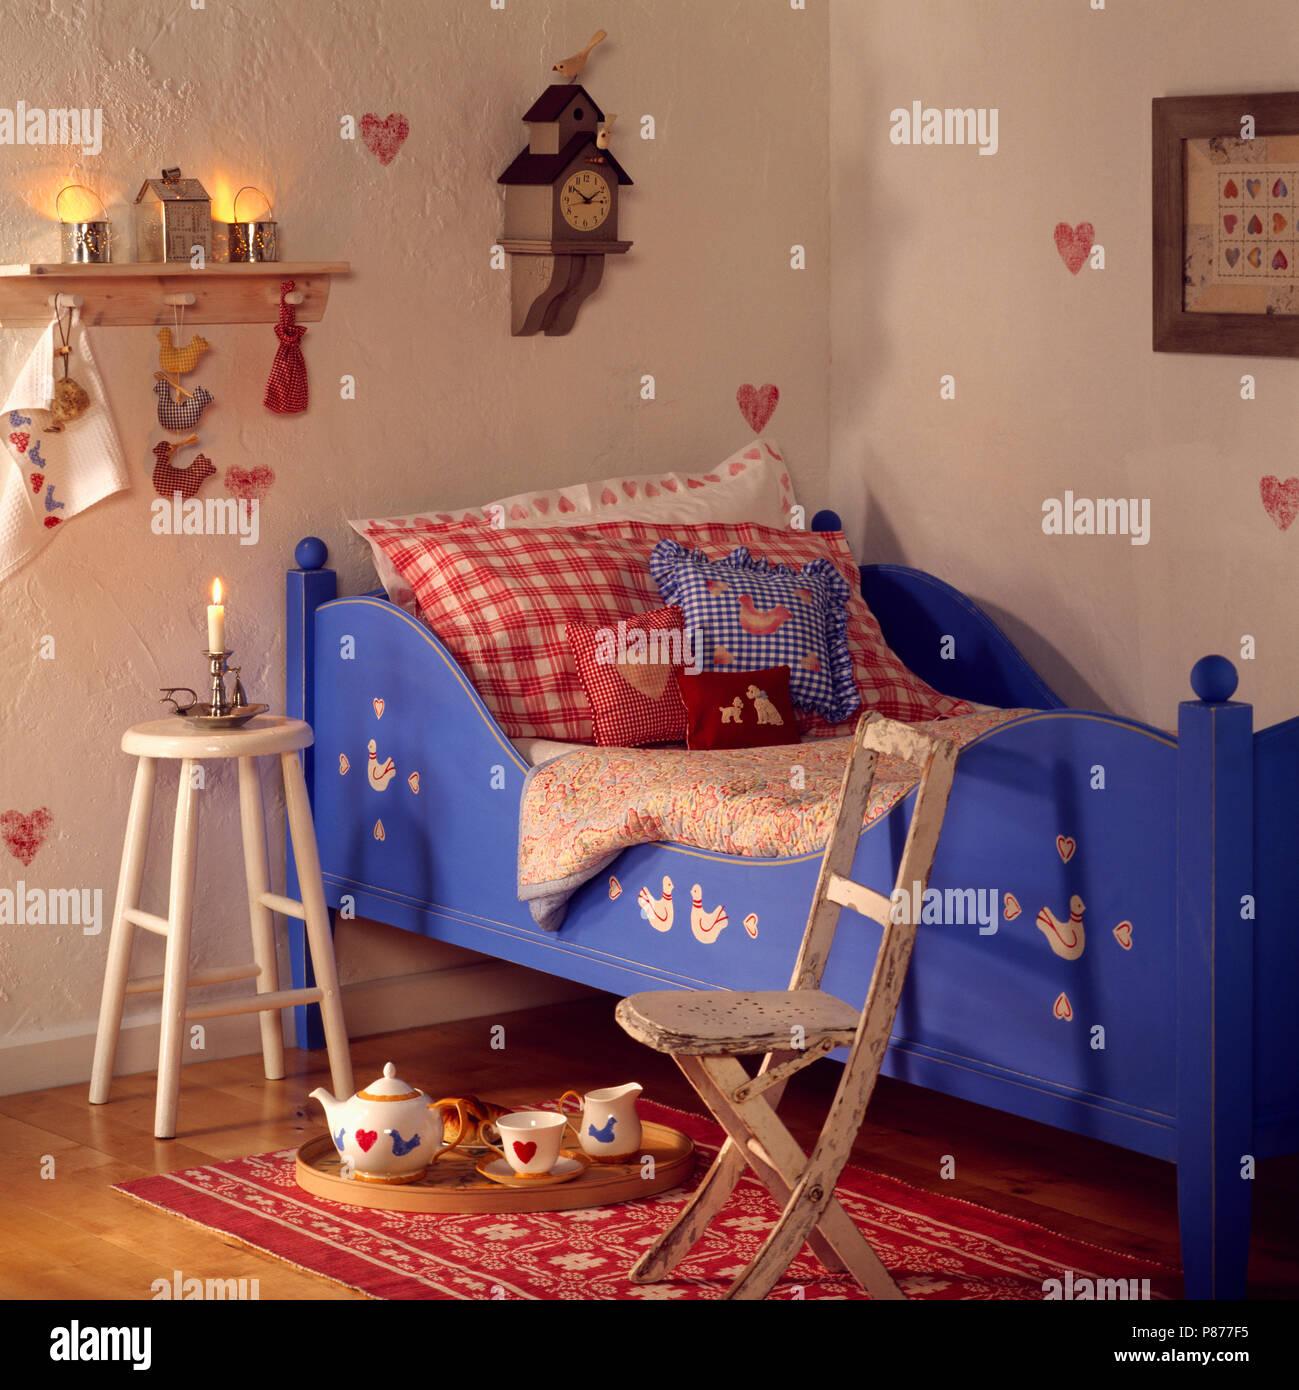 Rot Und Blau Geprüft Kissen Auf Blue Kind Gemalt Schlittenbett In Shaker    Schlafzimmer Mit Hölzernen Hocker Und Stuhl